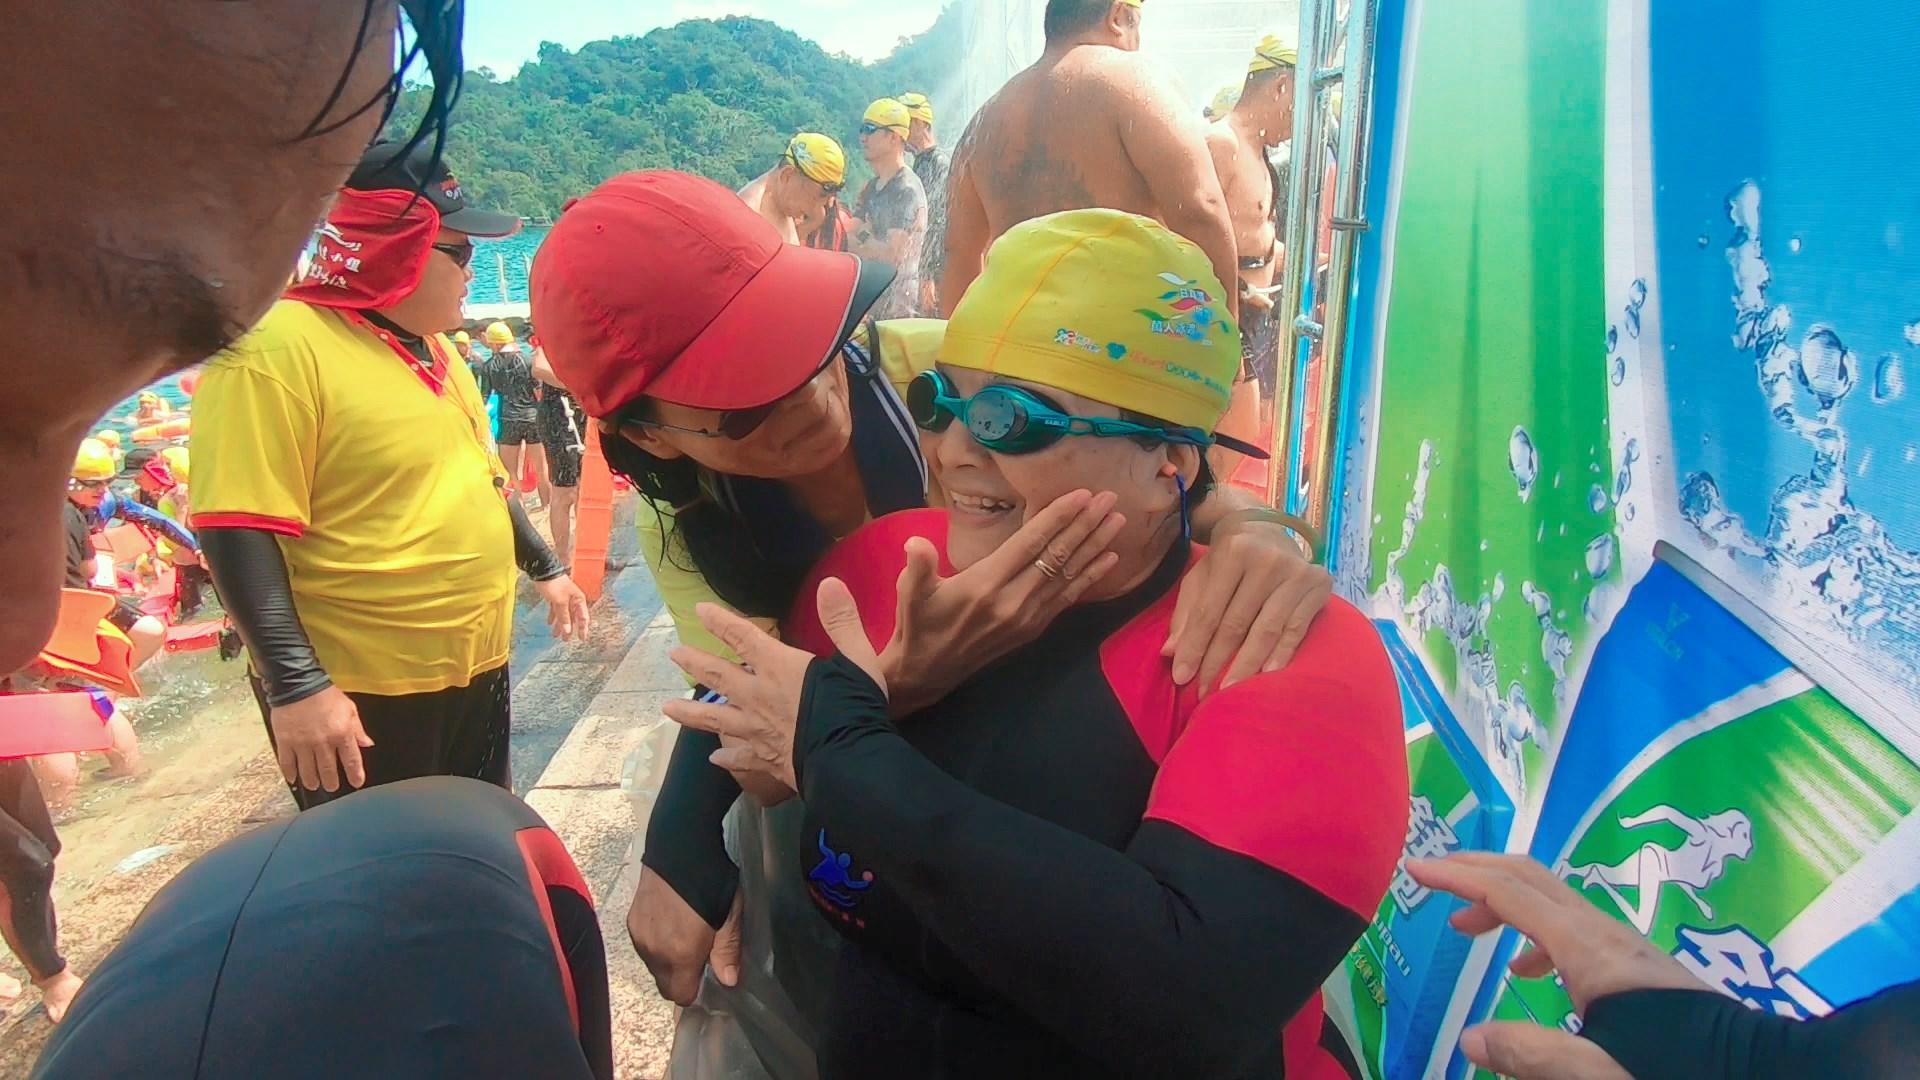 新北市身心障礙游泳協會理事長李千金,常用自身的故事來鼓勵身邊的身心障礙者勇於挑戰自我。